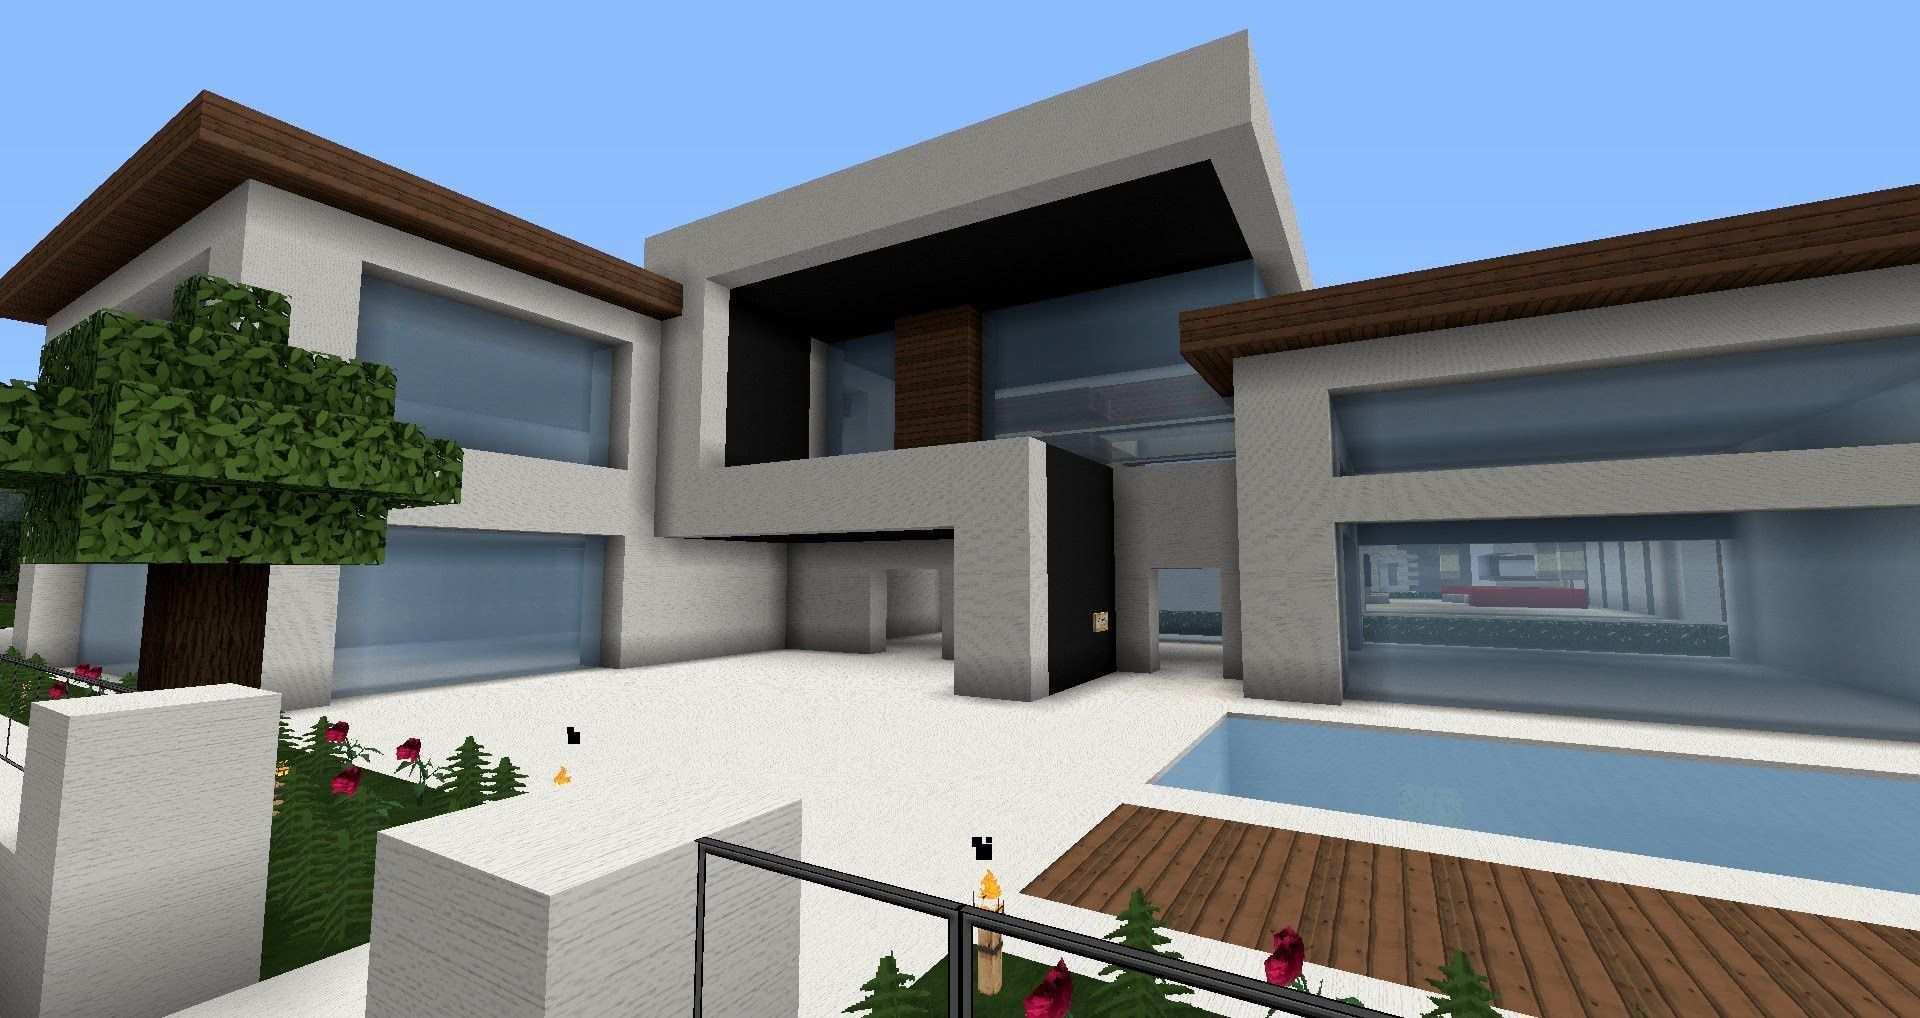 Moderne Minecraft Hauser Wolkenkratzer Modernes Haus Best Modern Ho Minecraft Haus Bauen Minecraft Haus Minecraft Hauser Modern